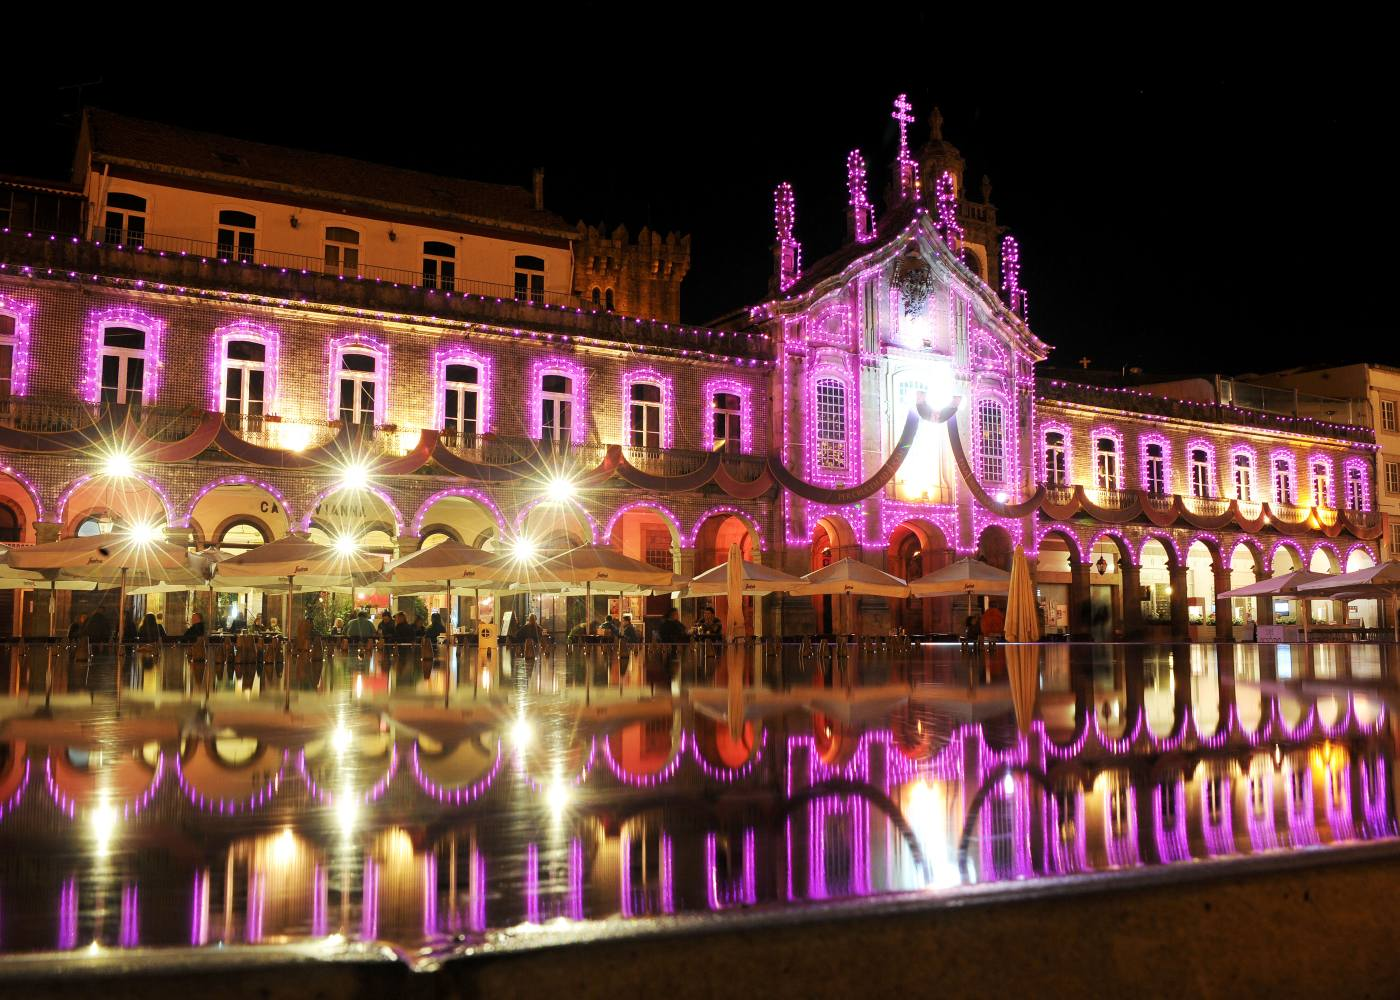 Centro da cidade de Braga